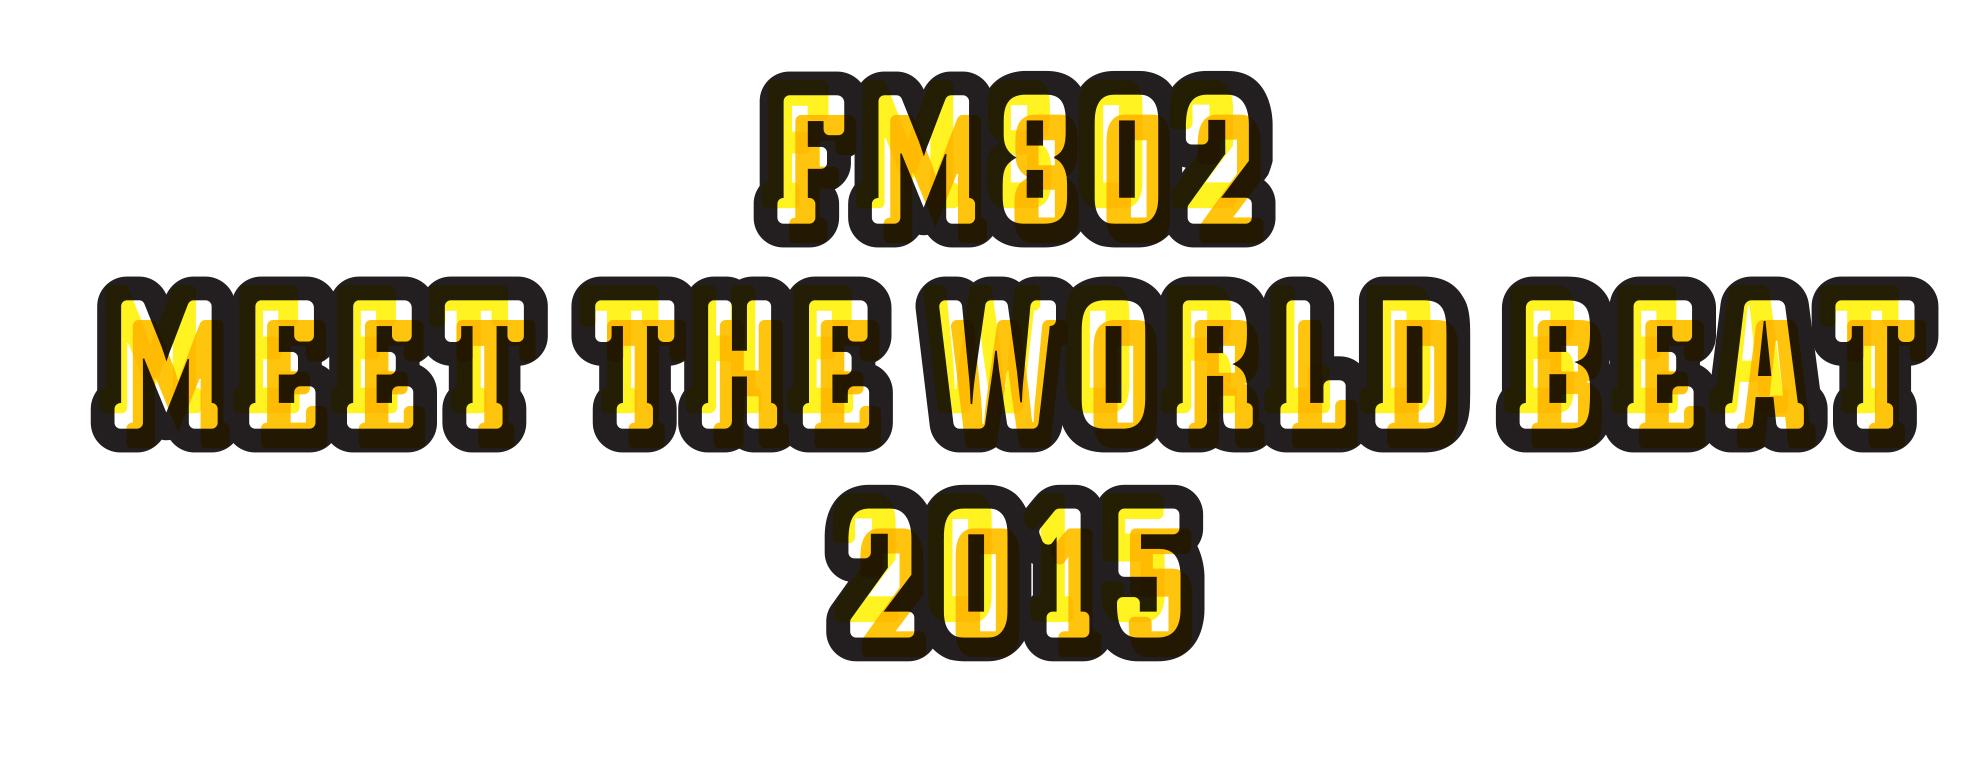 『FM802 MEET THE WORLD BEAT 2015』